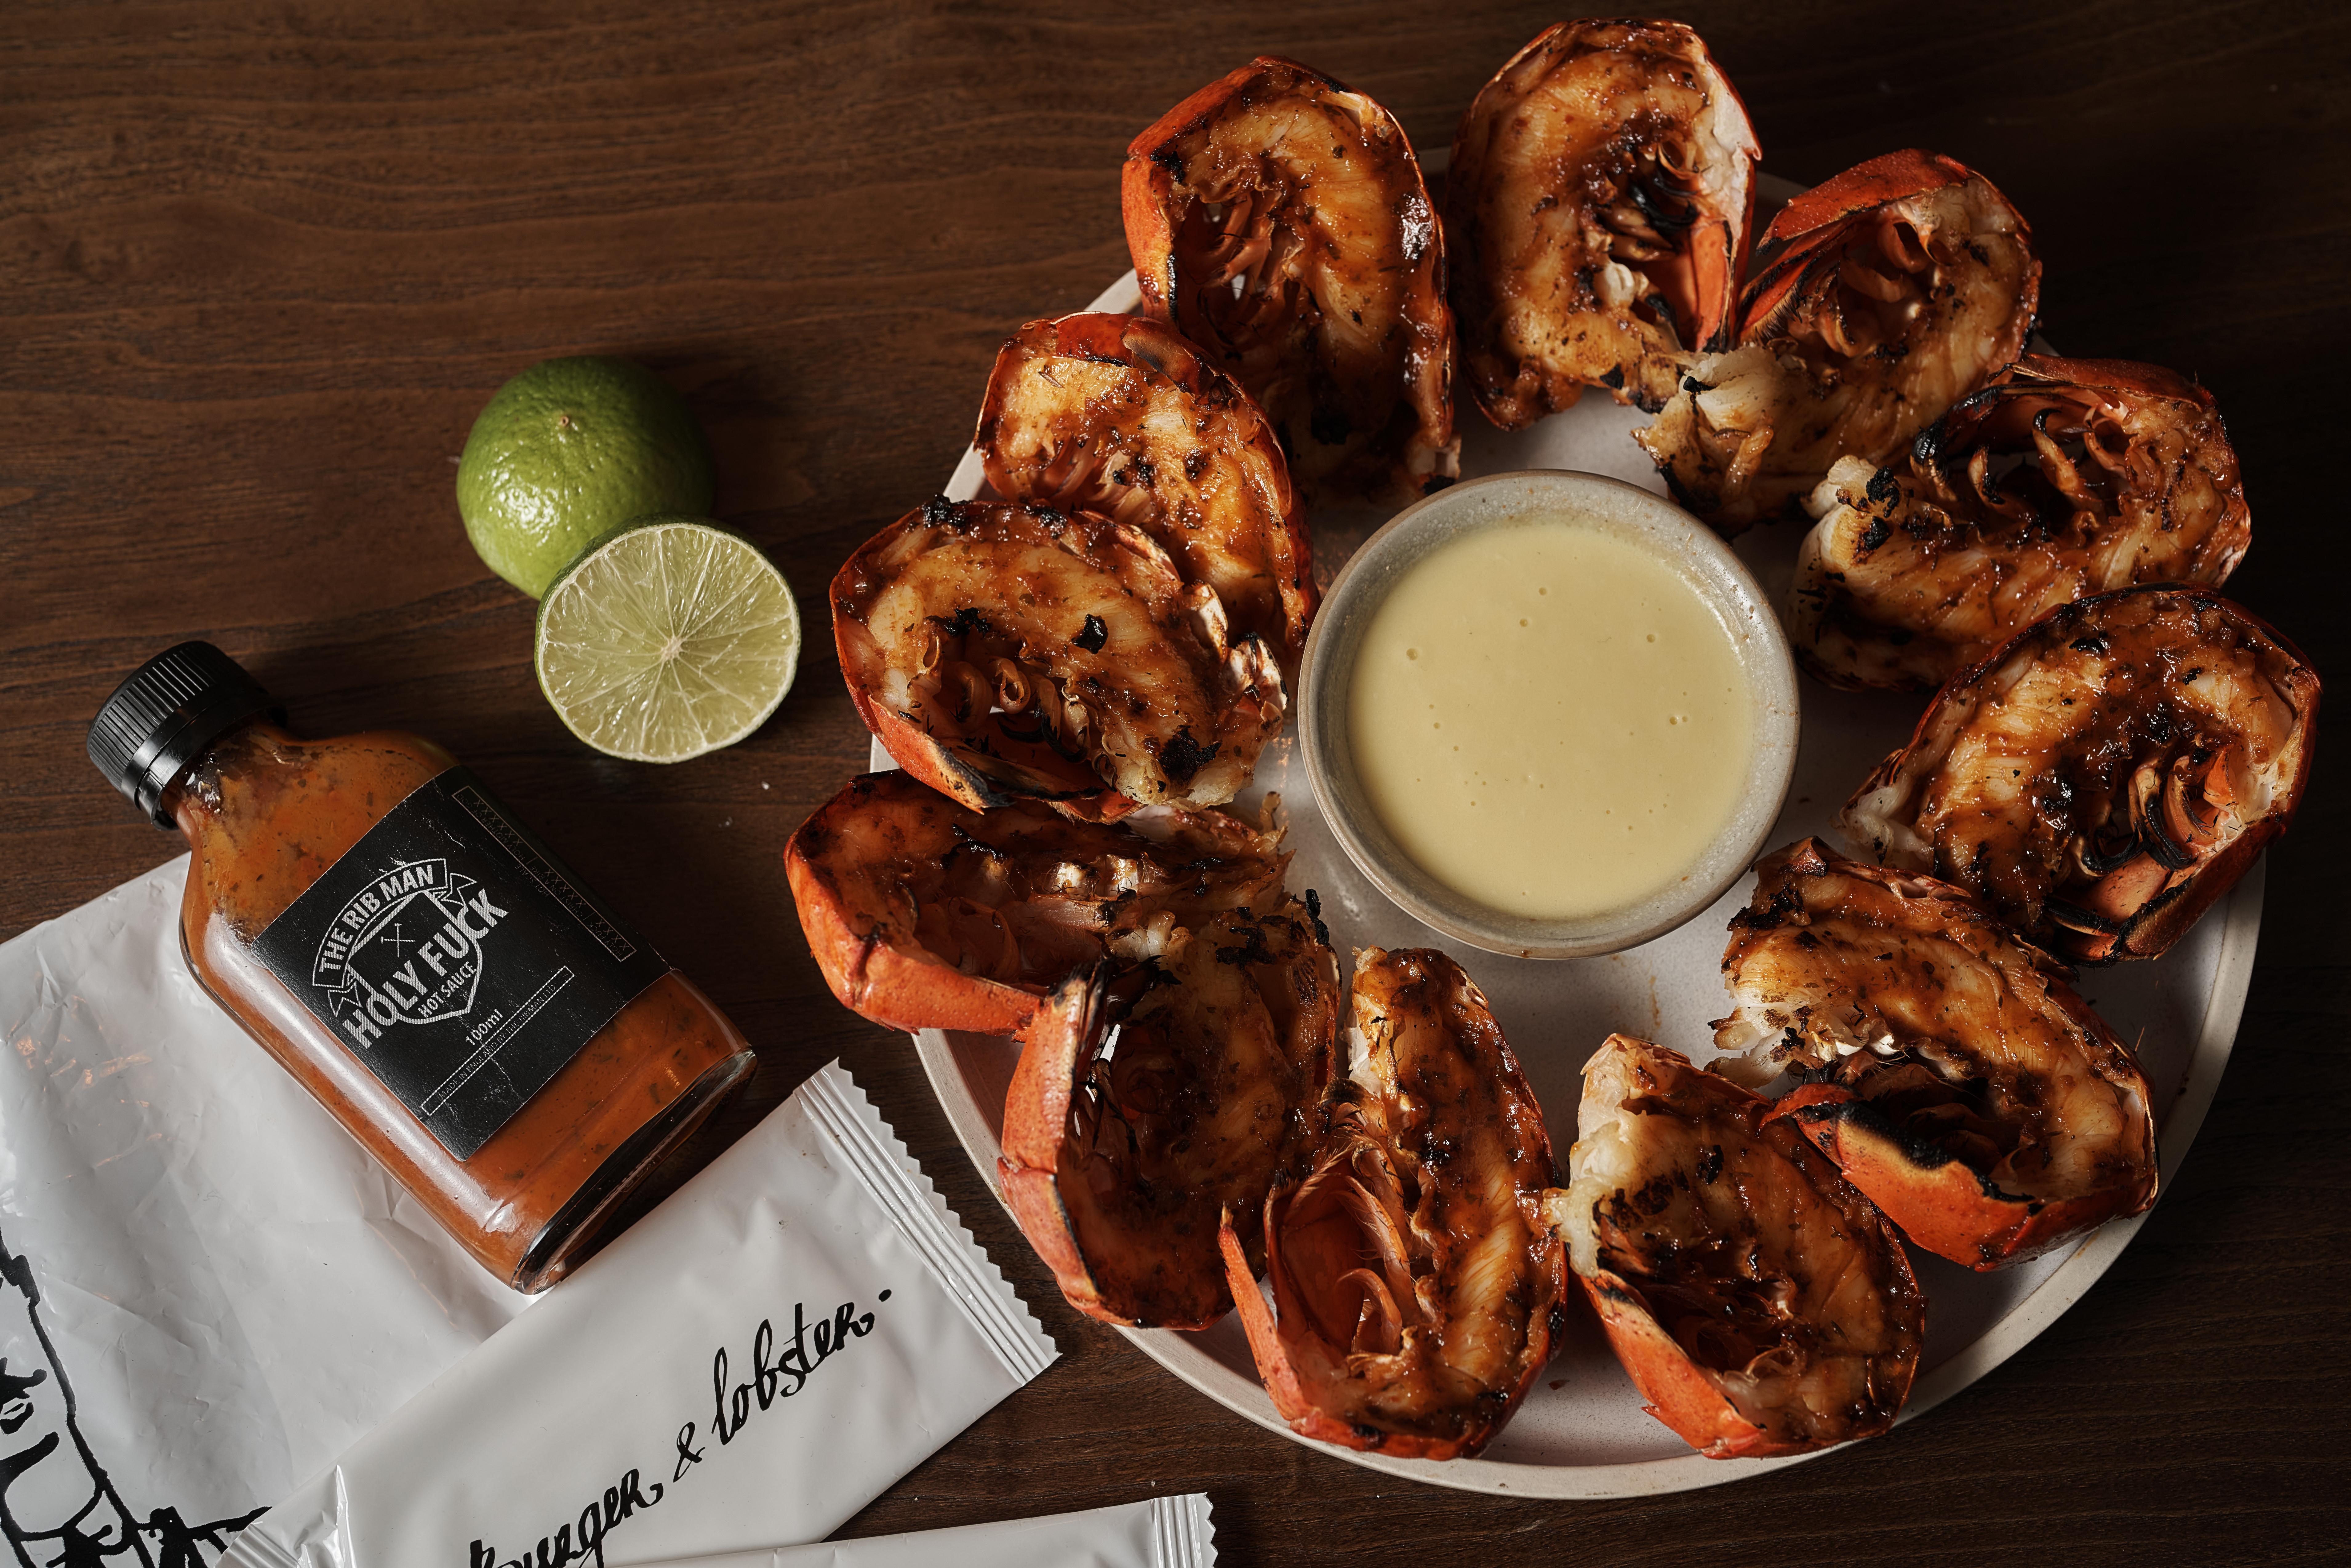 Burger & Lobster At-Home Kits